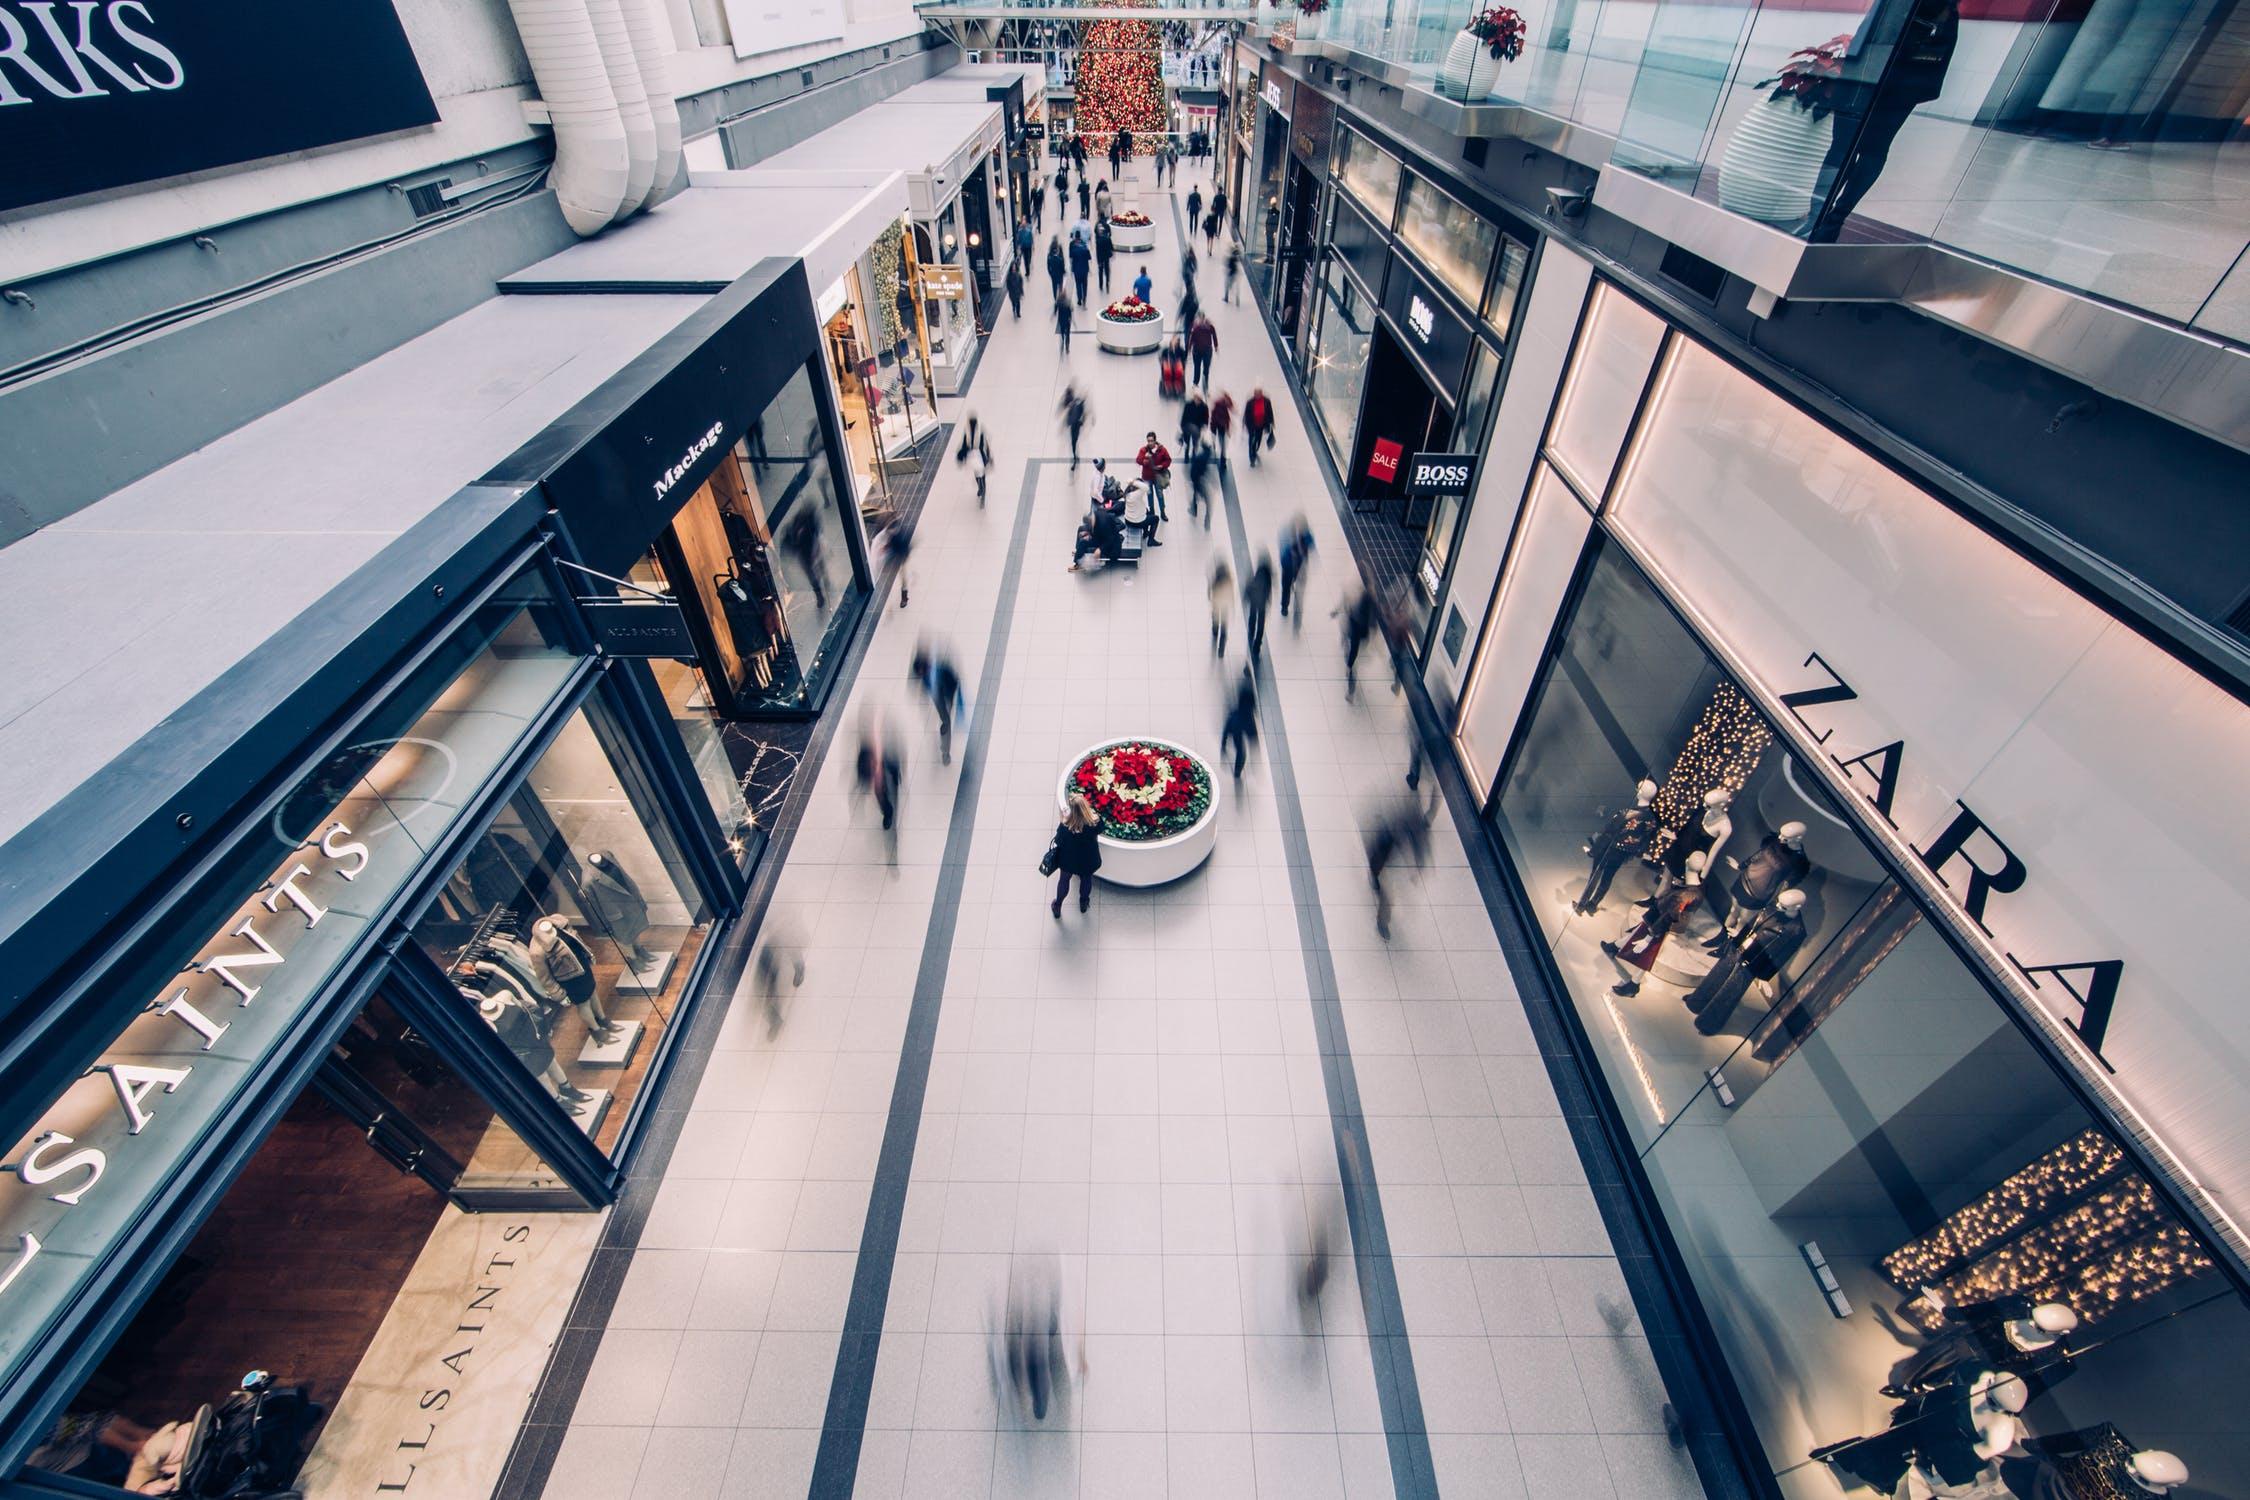 Hoge huurprijs voor je winkel? Vorder huurprijsverlaging!